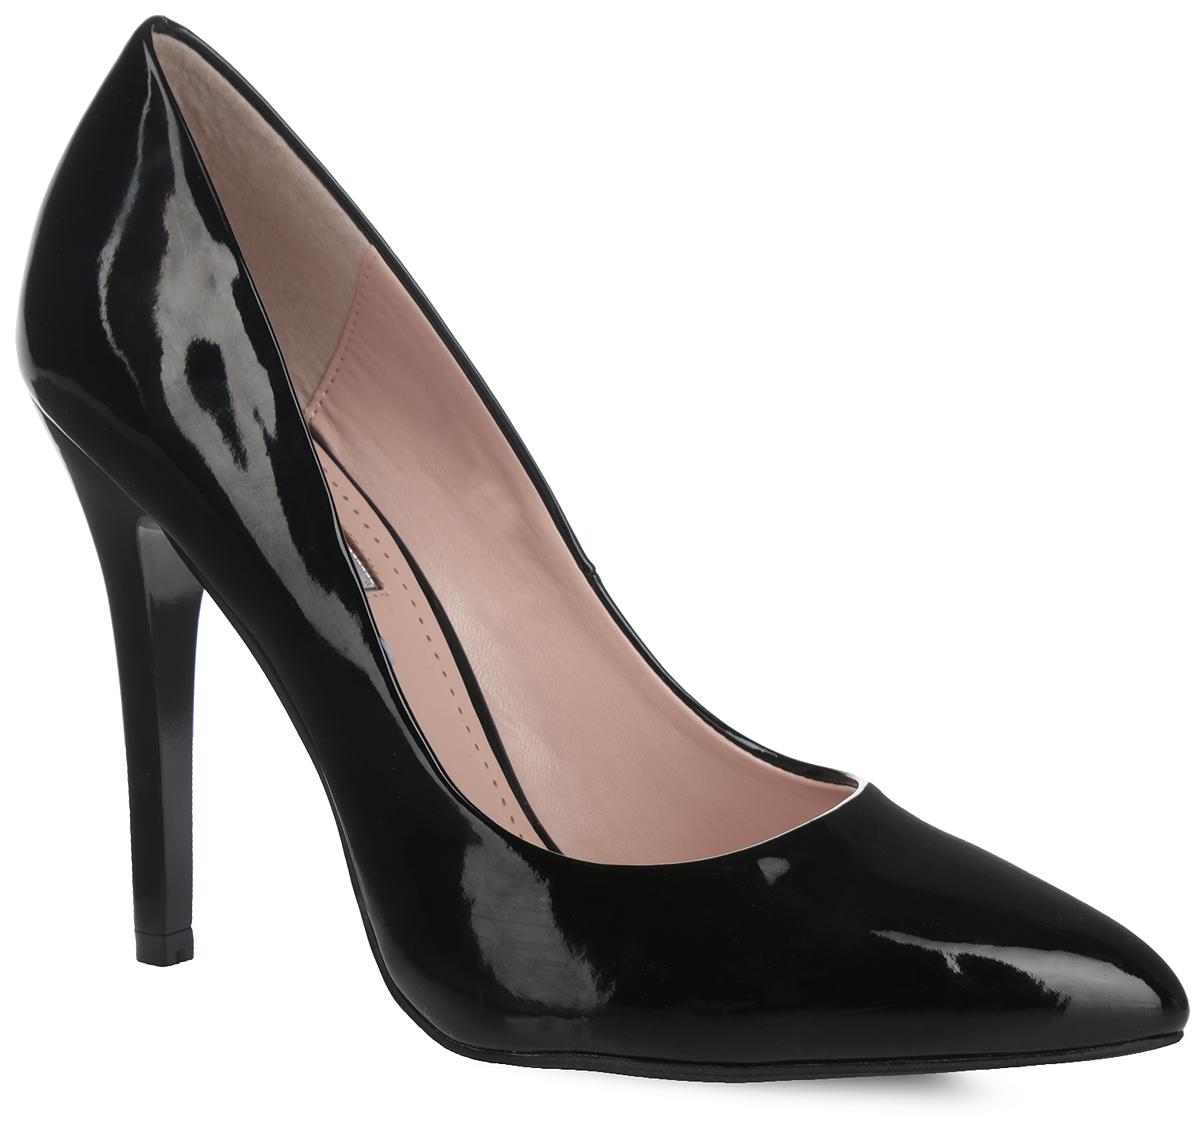 1015-04-1Роскошные туфли от Inario покорят вас с первого взгляда! Модель выполнена из искусственной лакированной кожи. Заостренный носок смотрится невероятно женственно. Стелька из искусственной кожи, оформленная названием бренда, по контуру - декоративной перфорацией, комфортна при ходьбе. Высокий каблук устойчив. Рифление на подошве и на каблуке гарантирует идеальное сцепление с любой поверхностью. Элегантные туфли займут достойное место в вашем гардеробе.